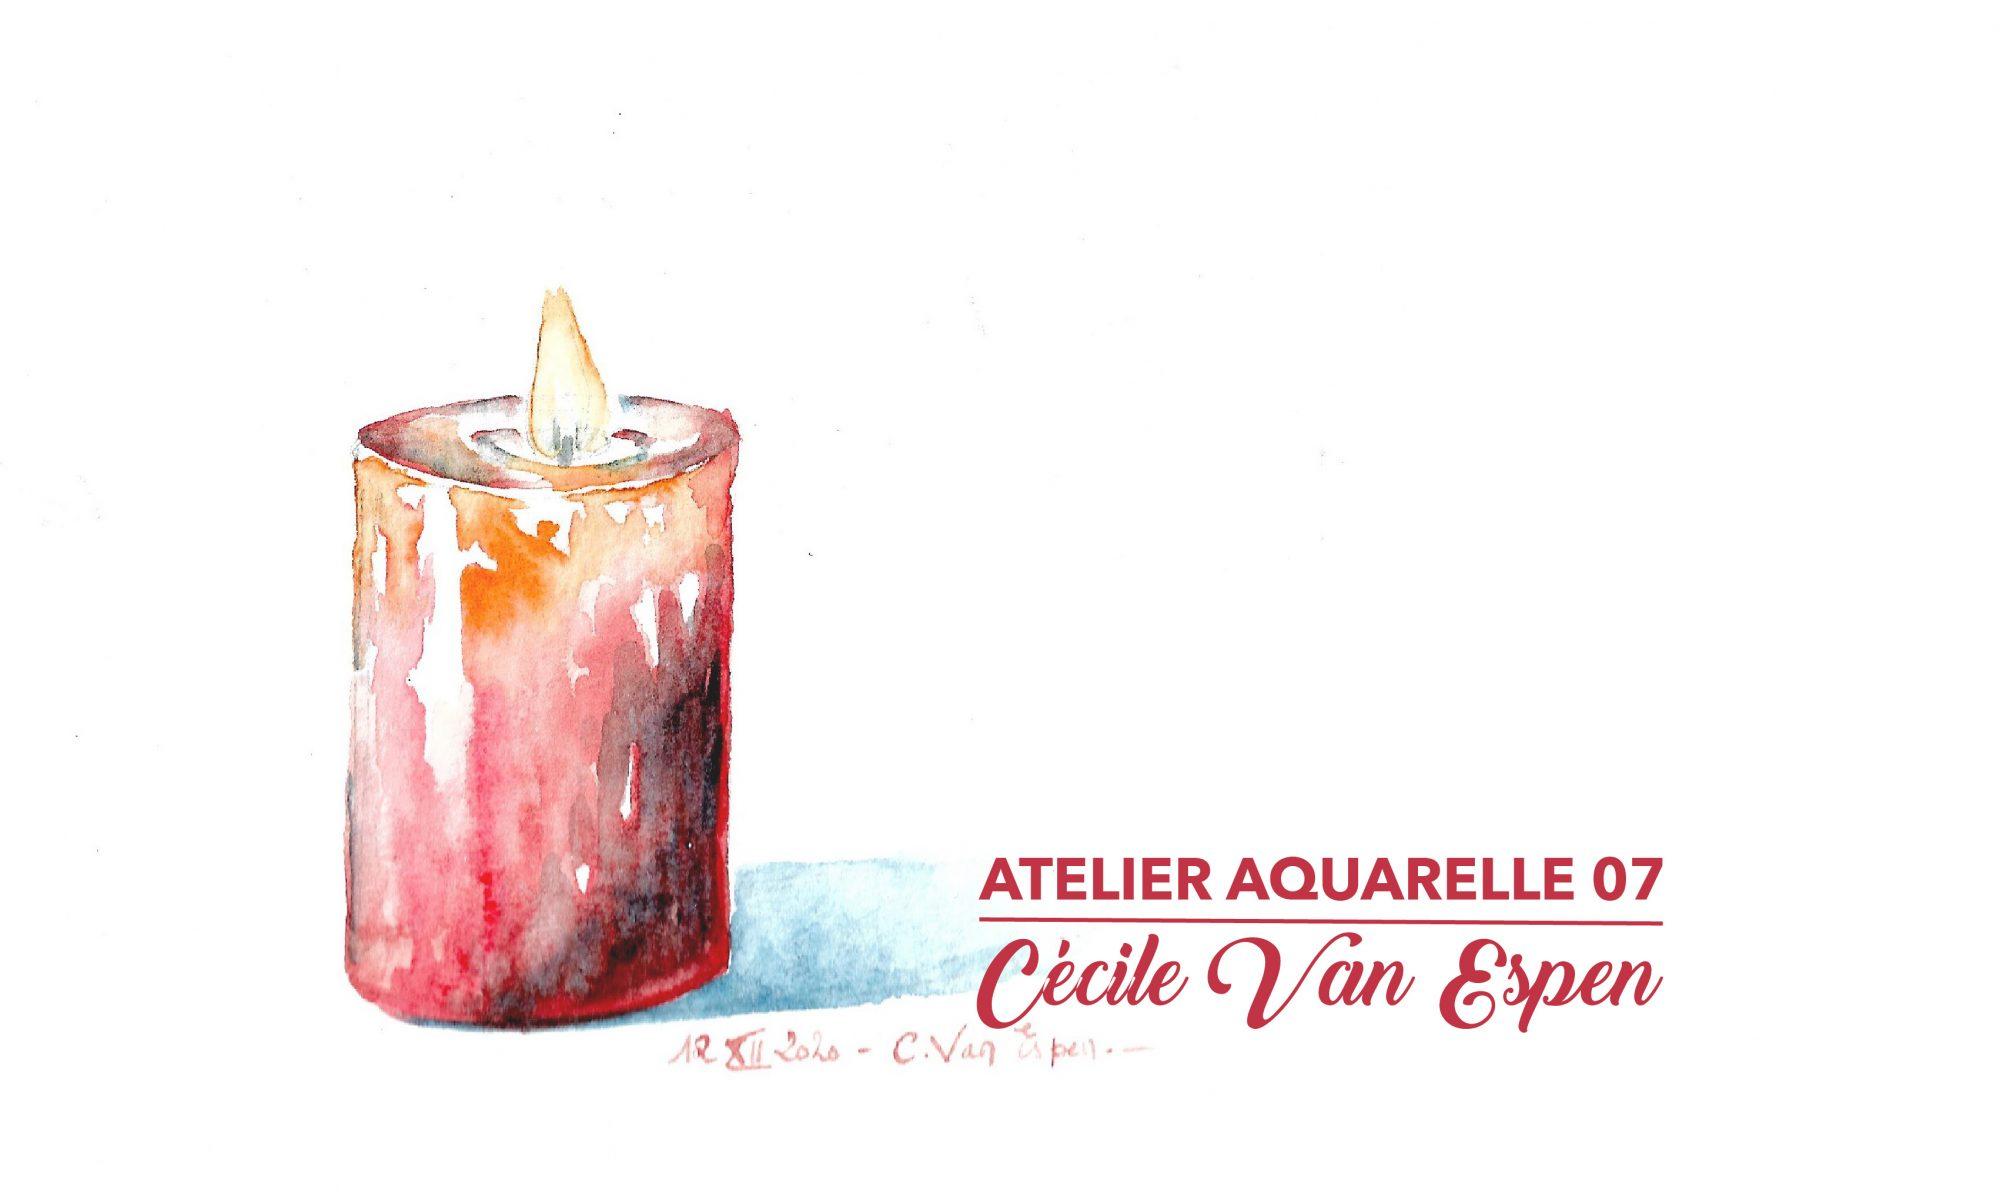 Bougie, Page de couverture du tuto Atelier Aquarelle 07 : Bougie